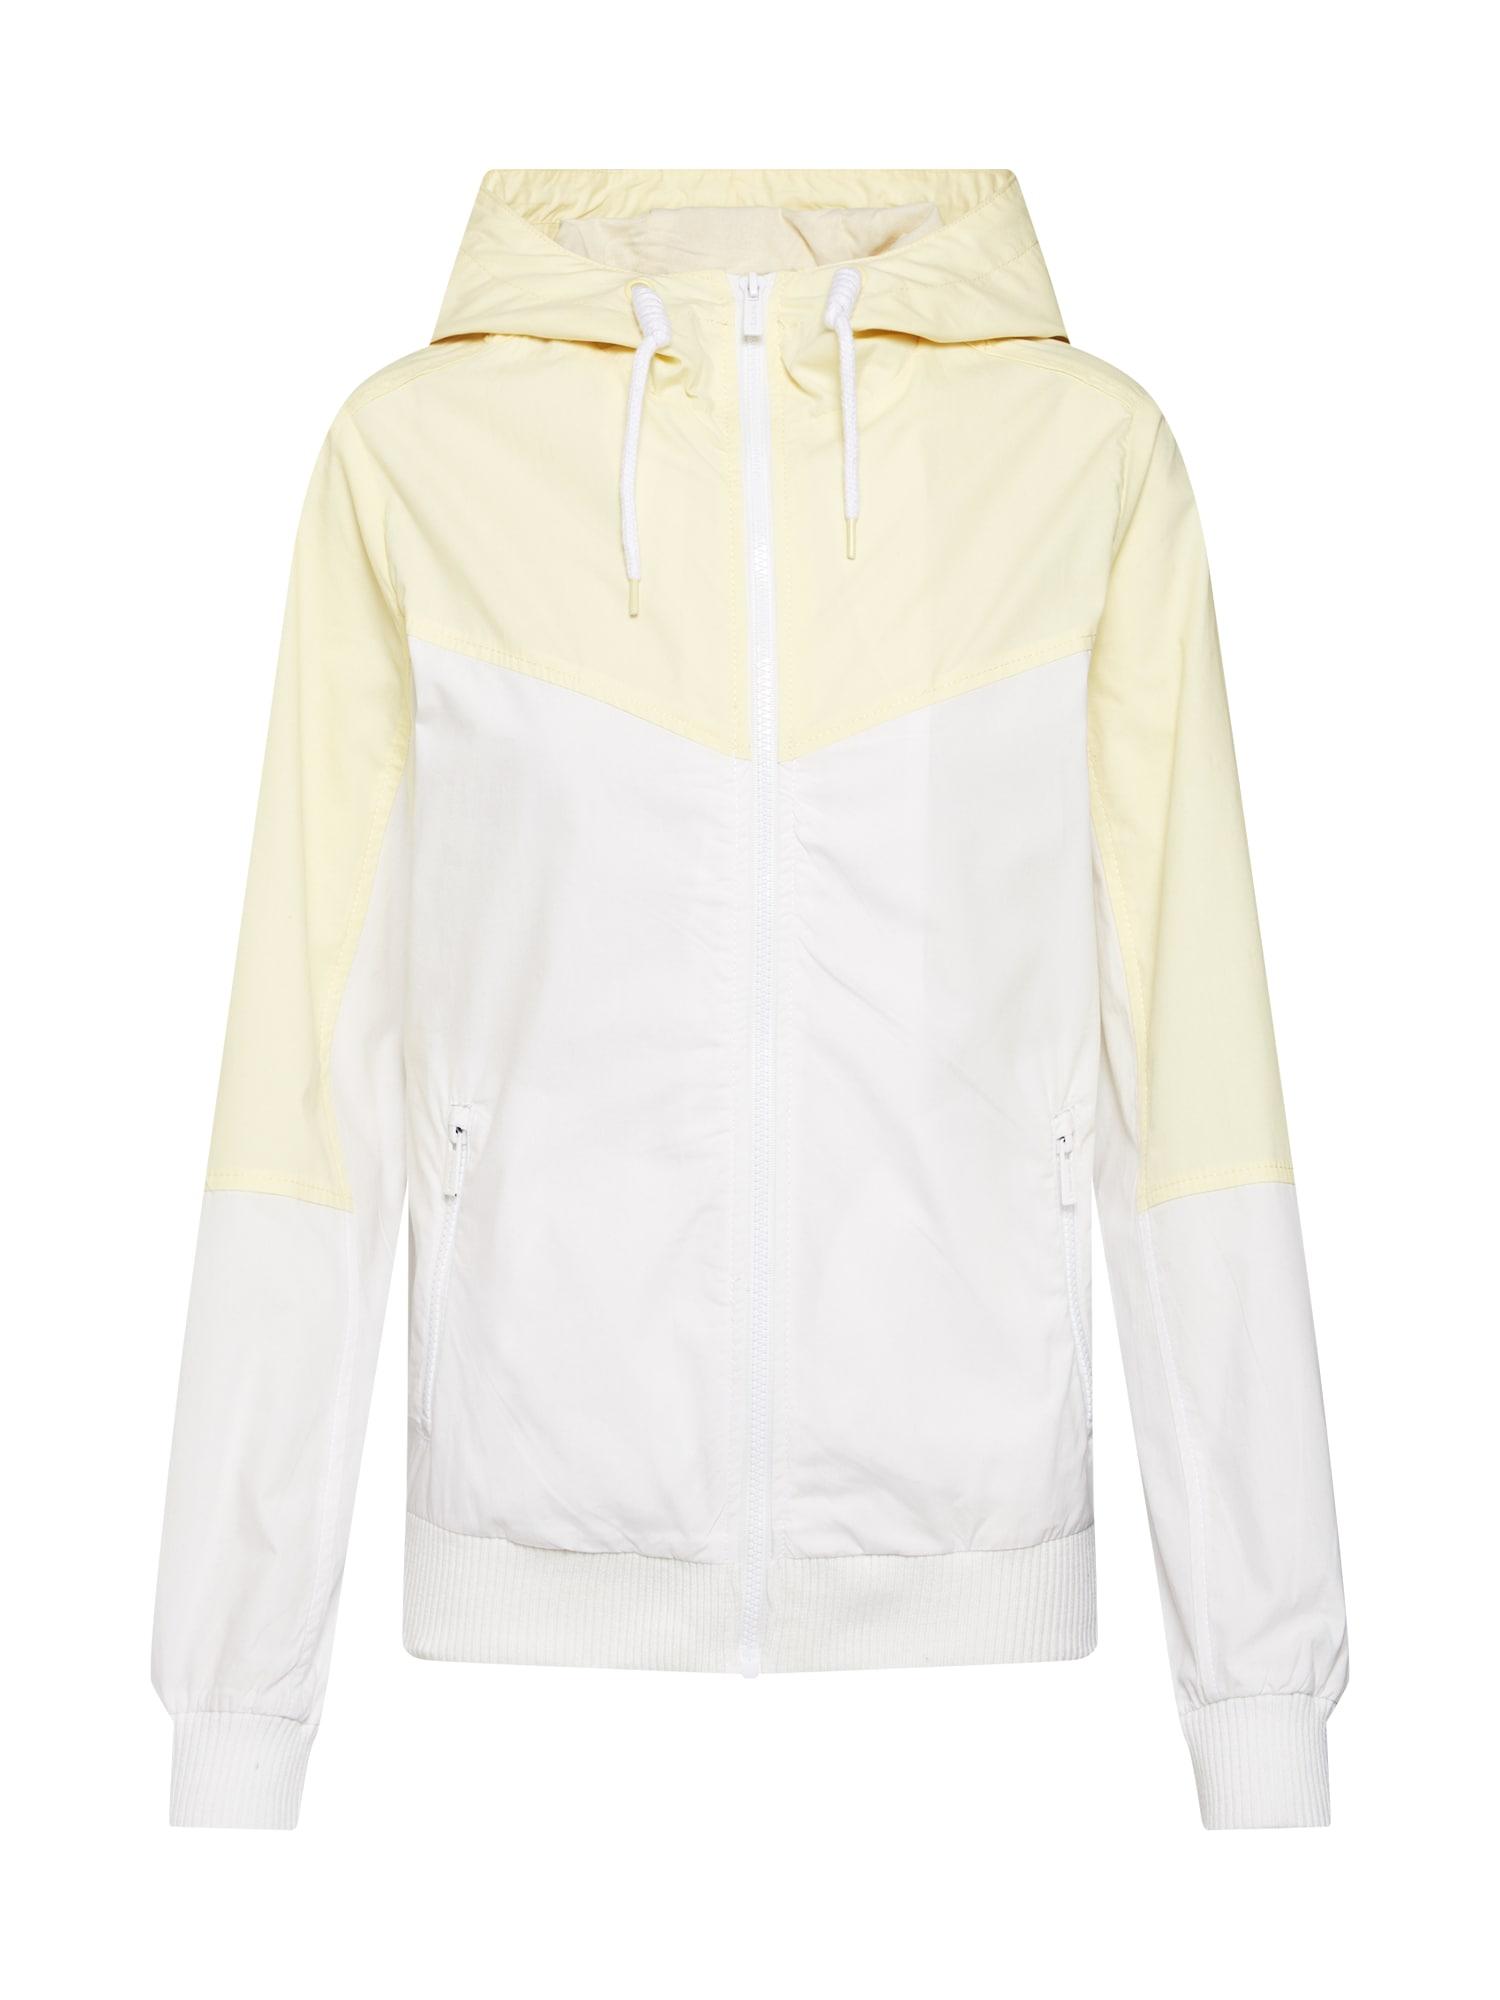 Přechodná bunda žlutá bílá Sublevel